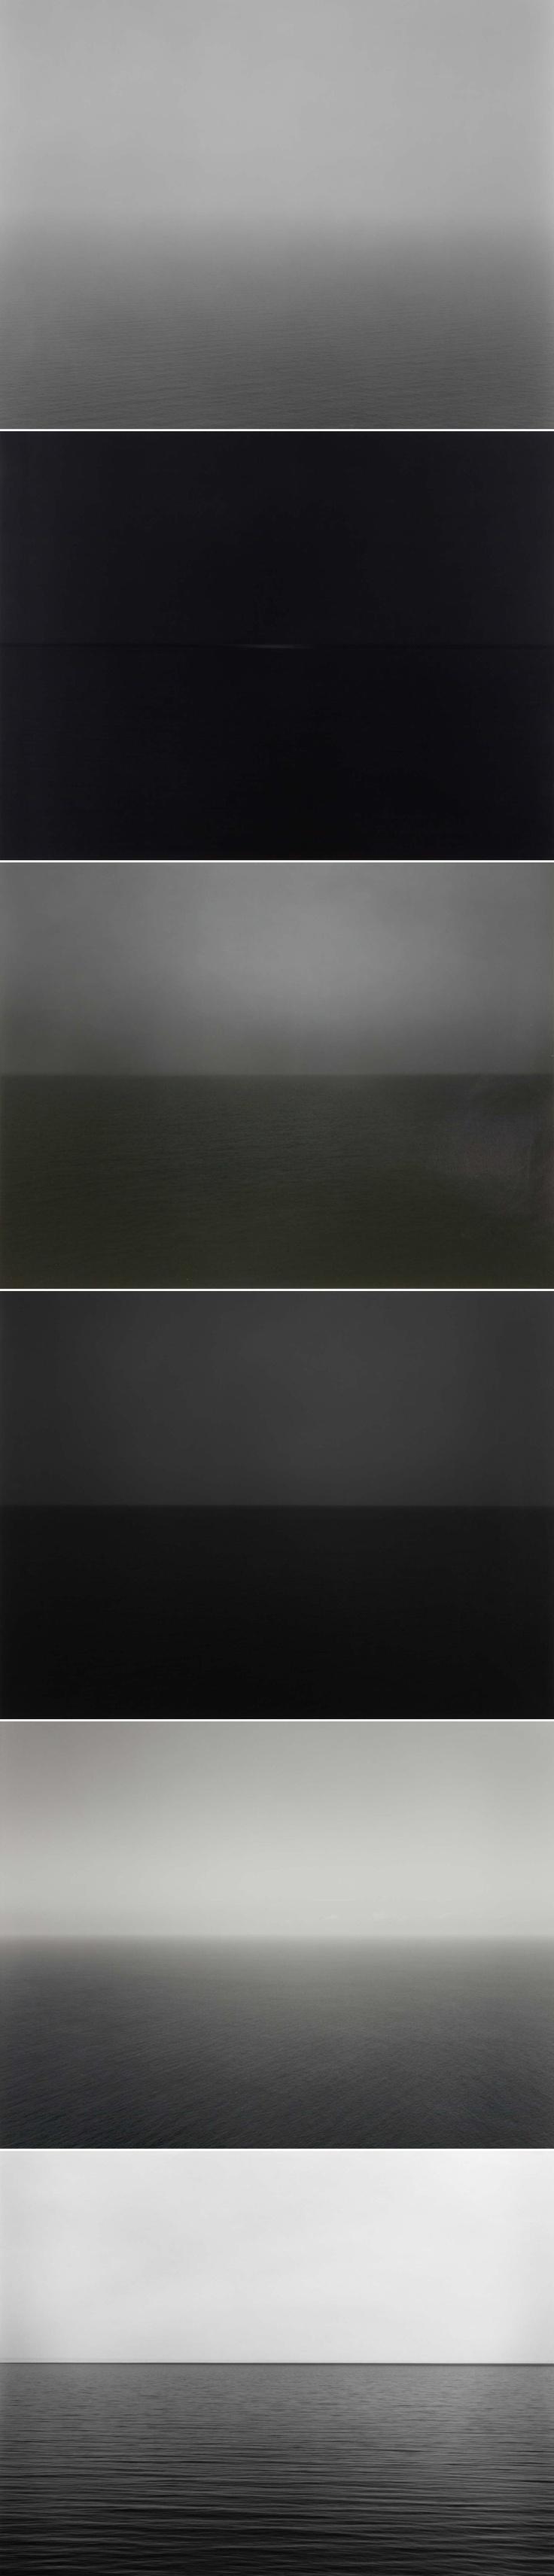 日本摄影大师 杉本博司 的《海景》系列